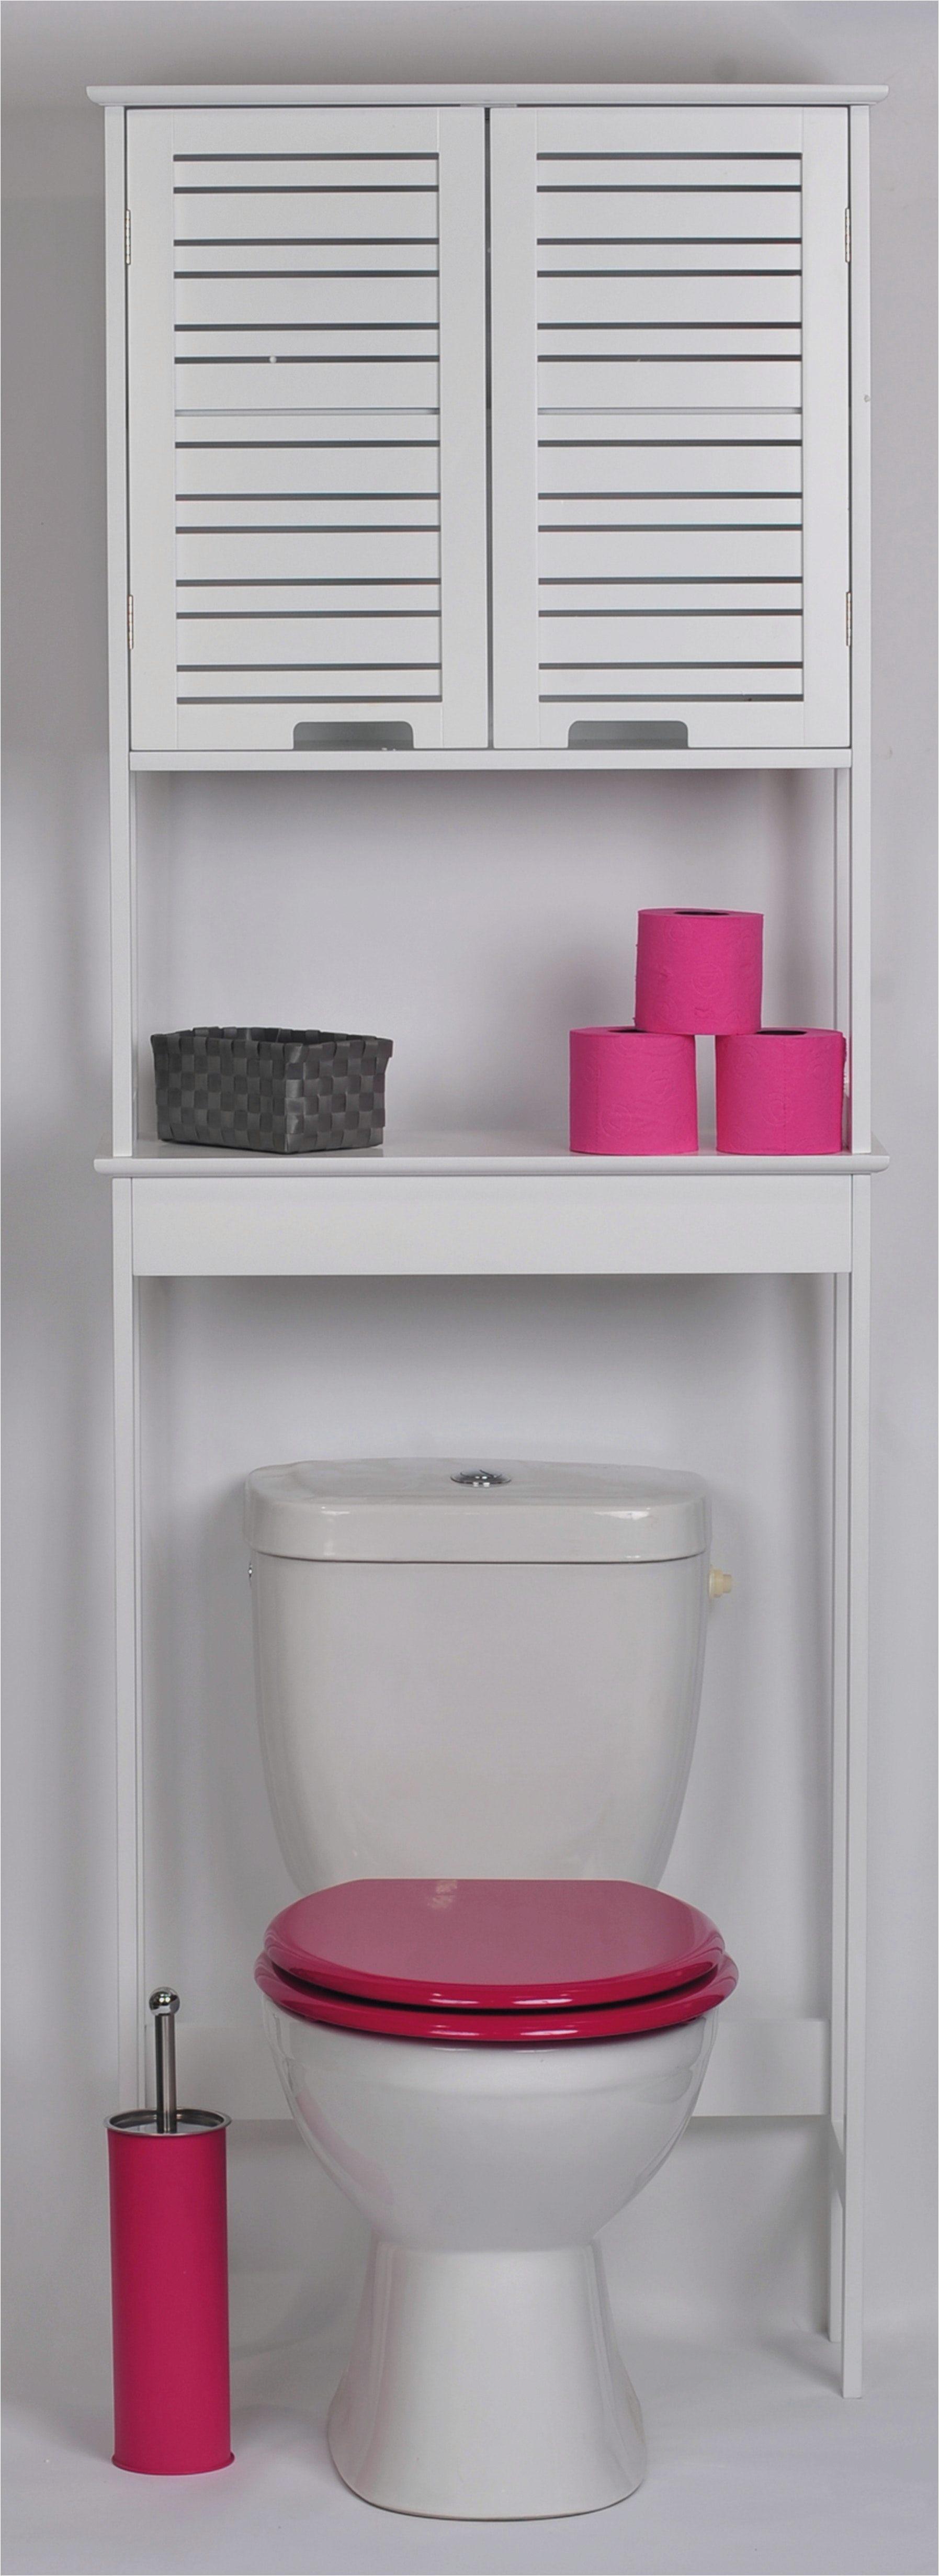 Ikea Meuble toilette Unique s Ikea Meuble Lave Vaisselle